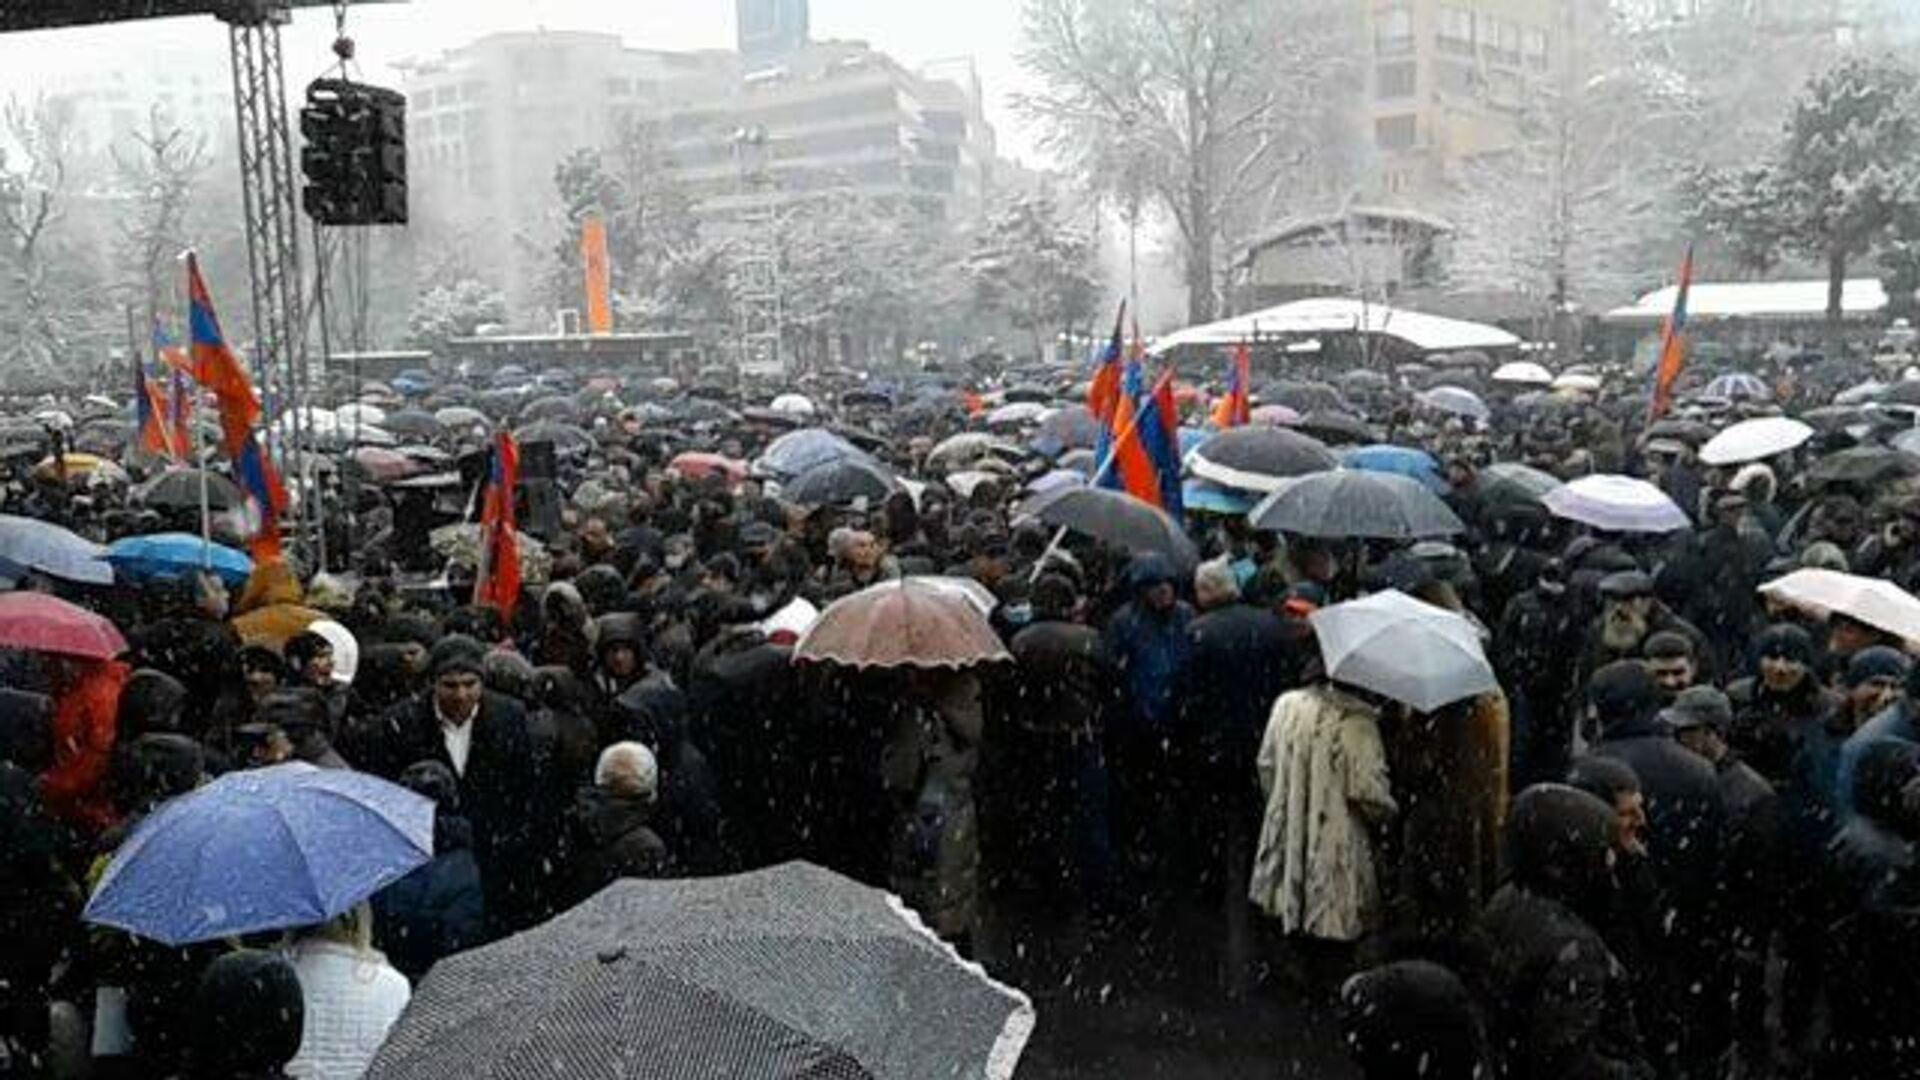 Требующие отставки Пашиняна митингуют под снегом с дождем - РИА Новости, 1920, 20.02.2021